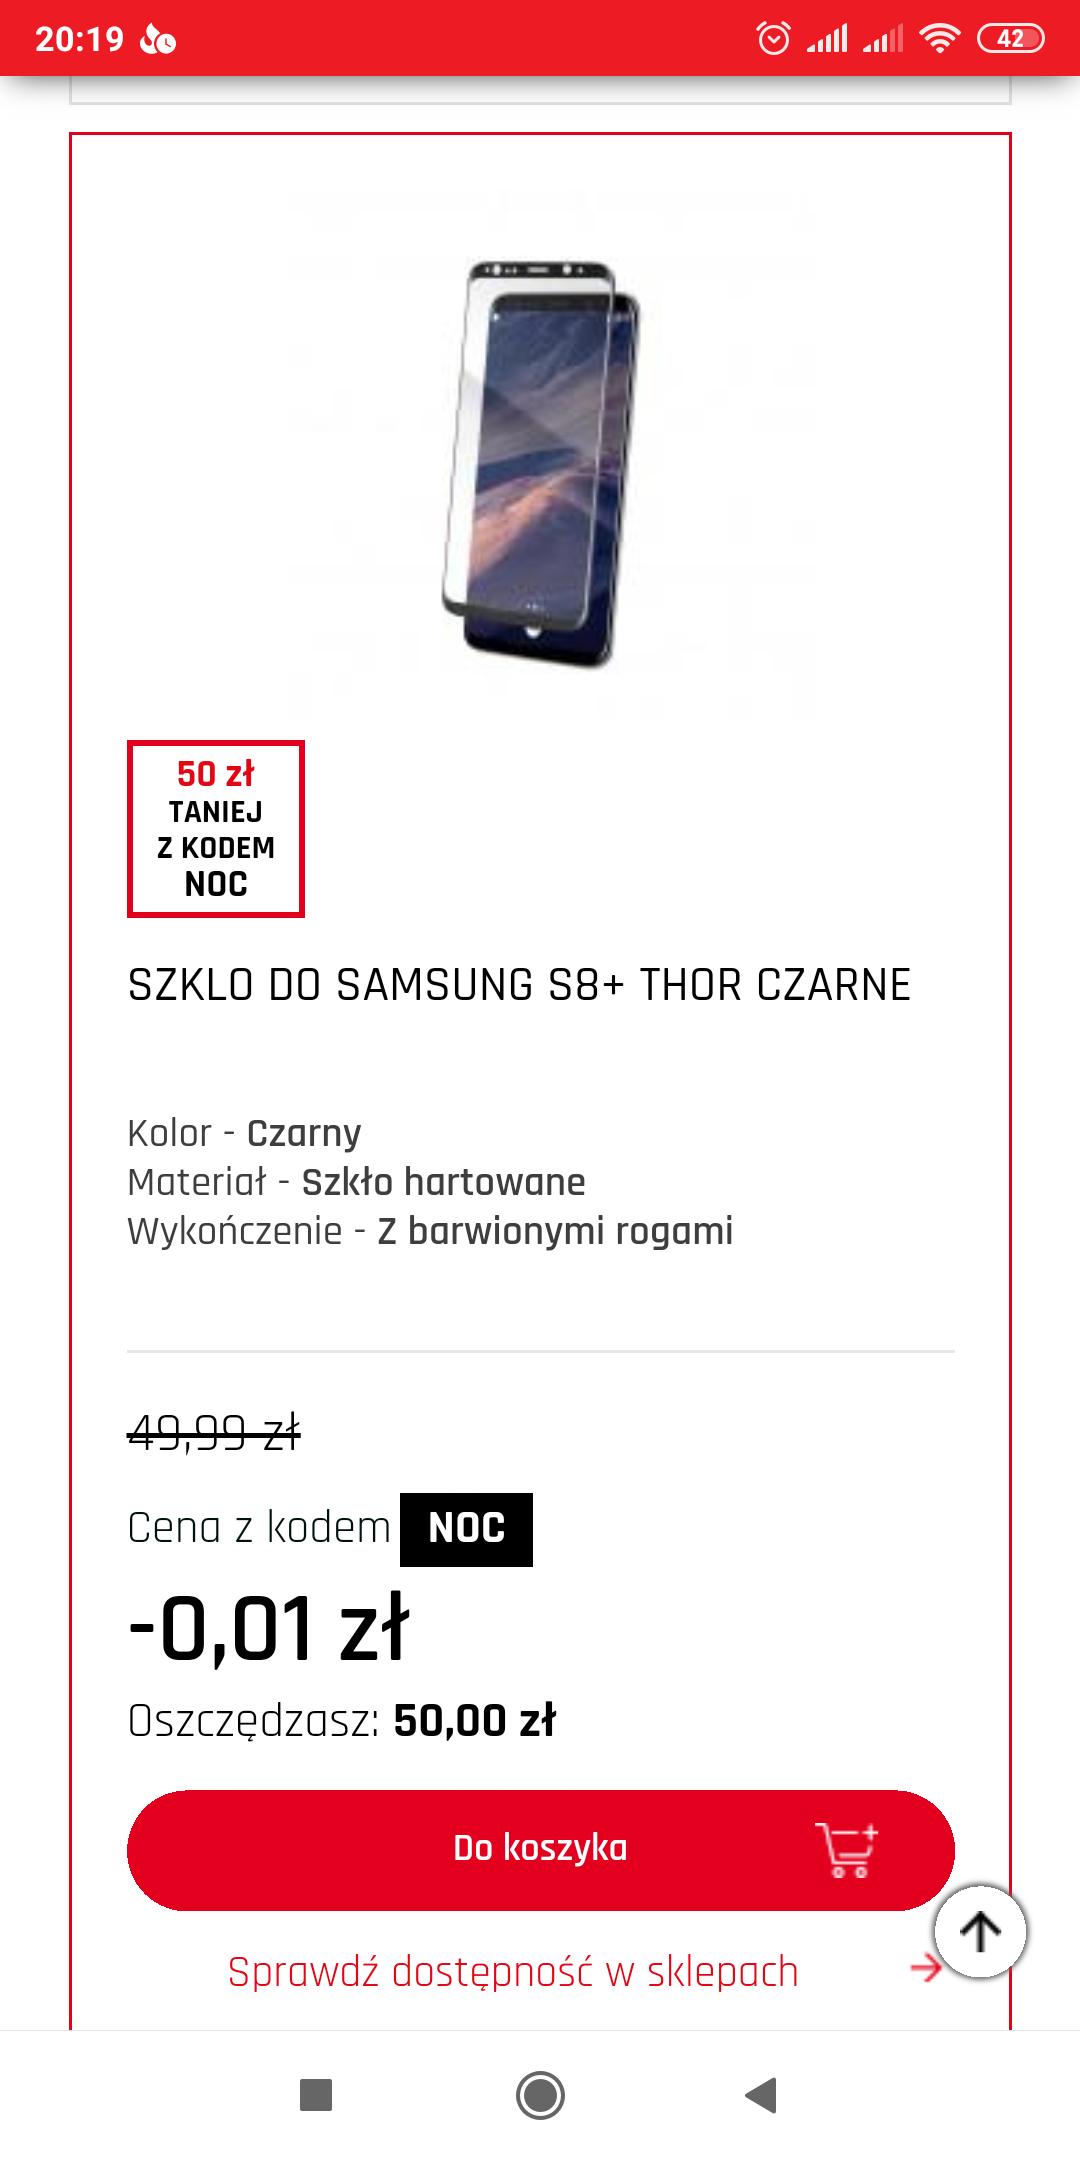 Szkło hartowane do Samsung S8+ za 2gr @Neonet